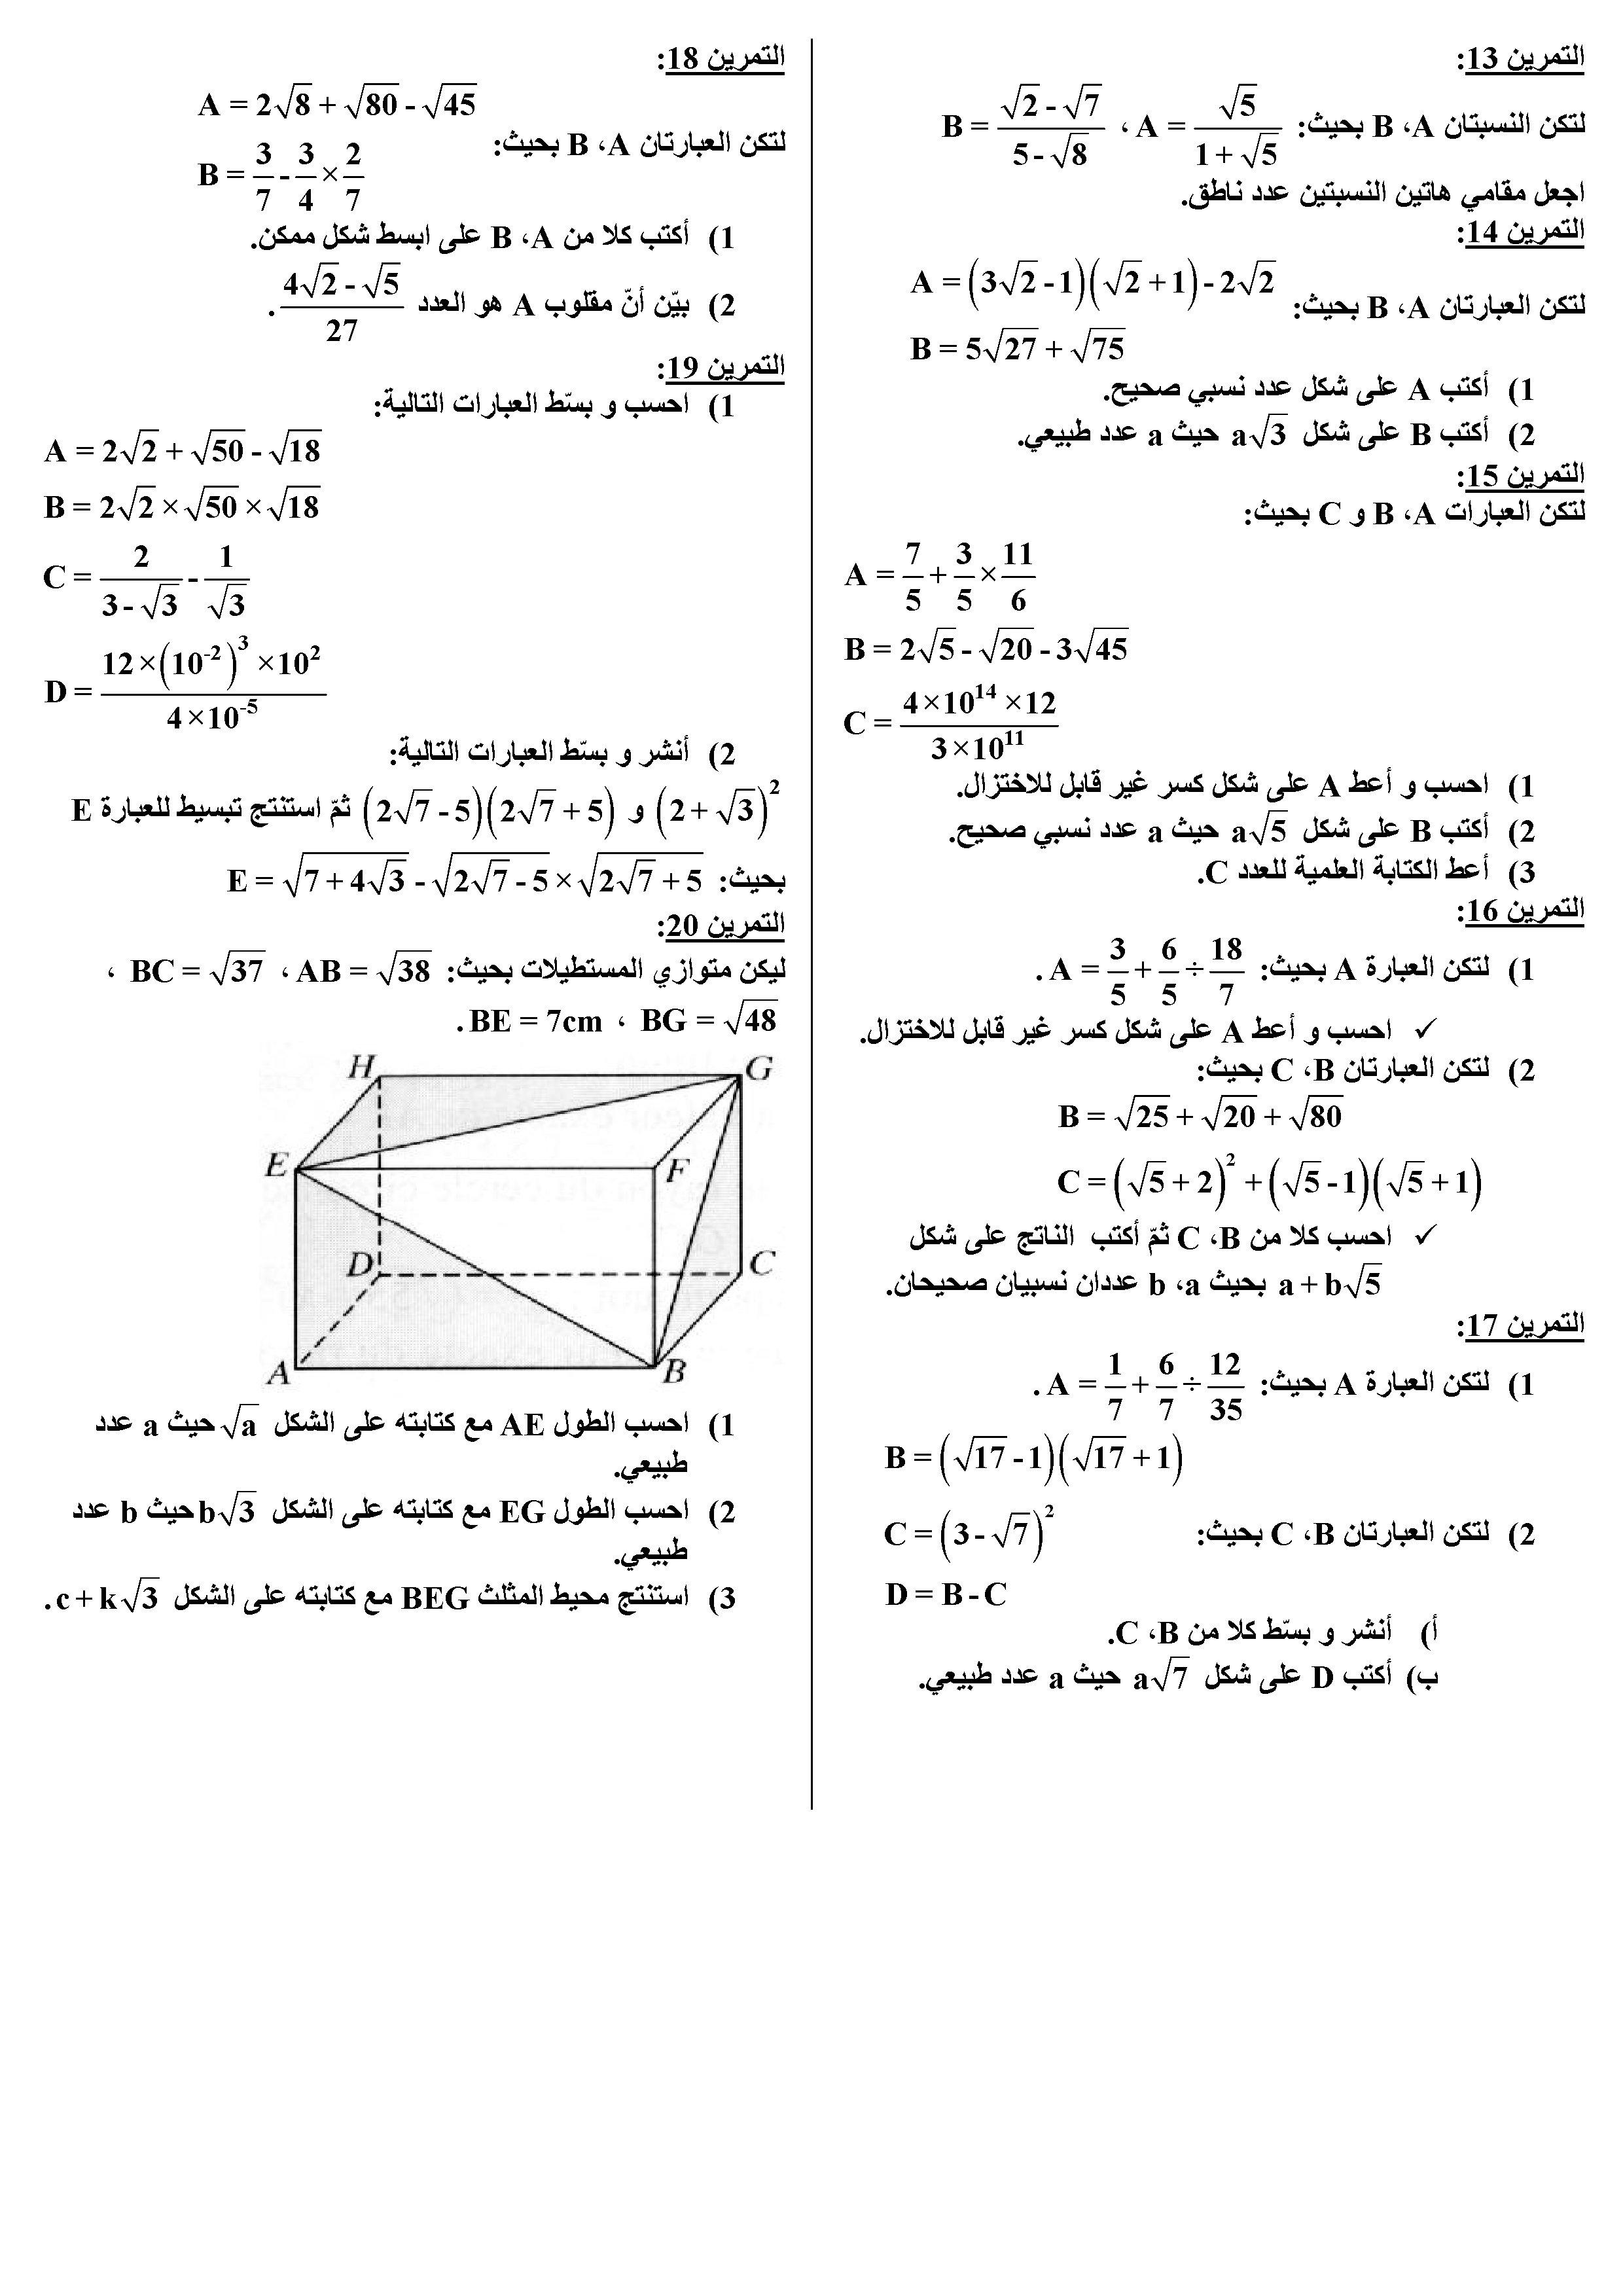 سلسلة تمارين رقم 3_4 متوسط_رياضيات_2016_2017 P_318xwe042